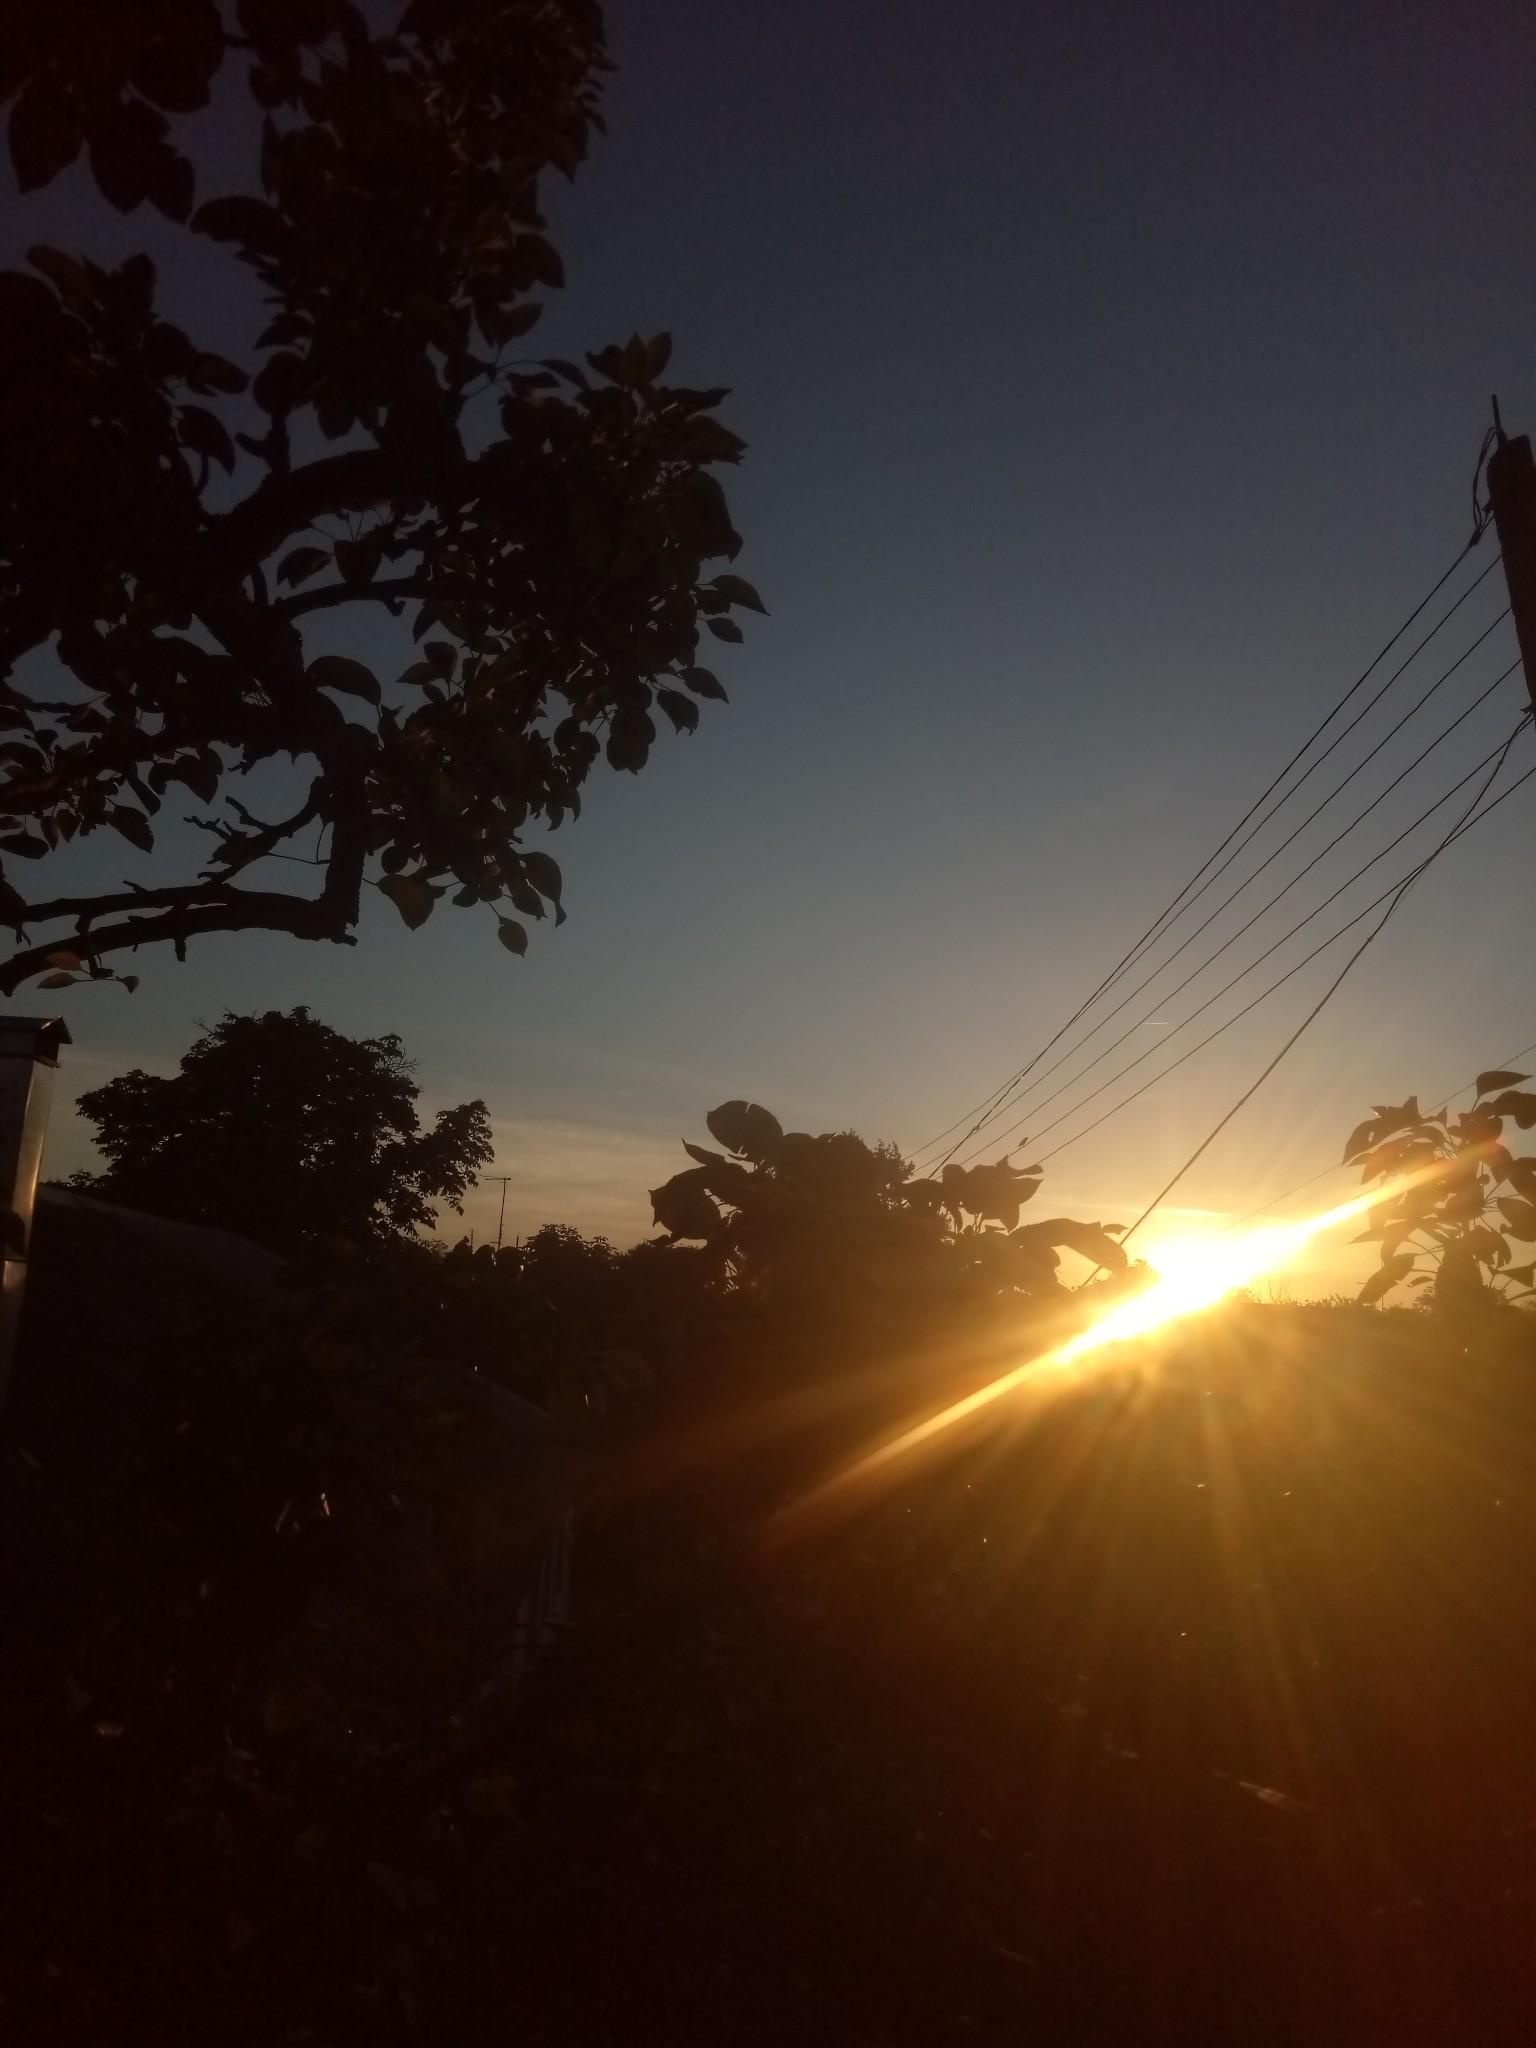 Evening sun, sunset photos